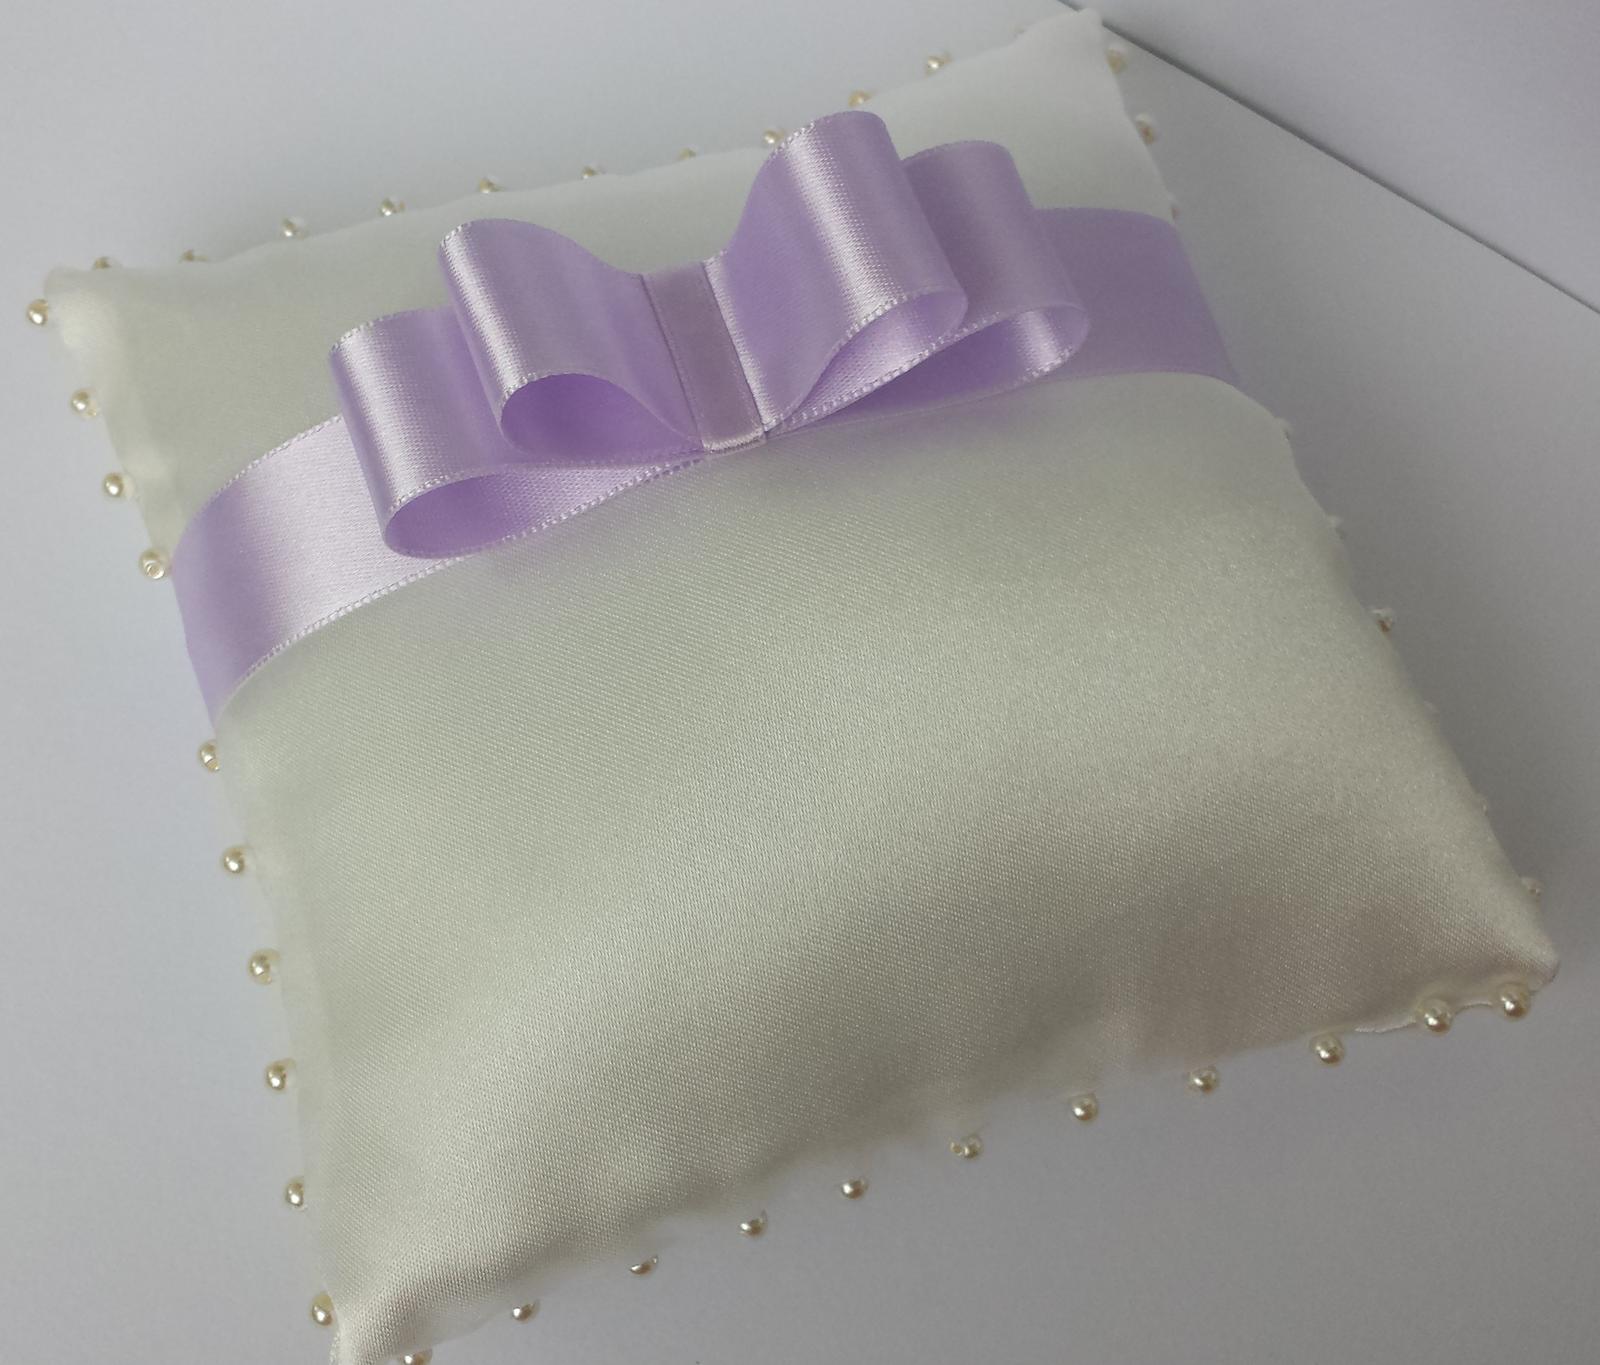 Ivory polštářek pod prstýnky s lila mašličkou - Obrázek č. 1